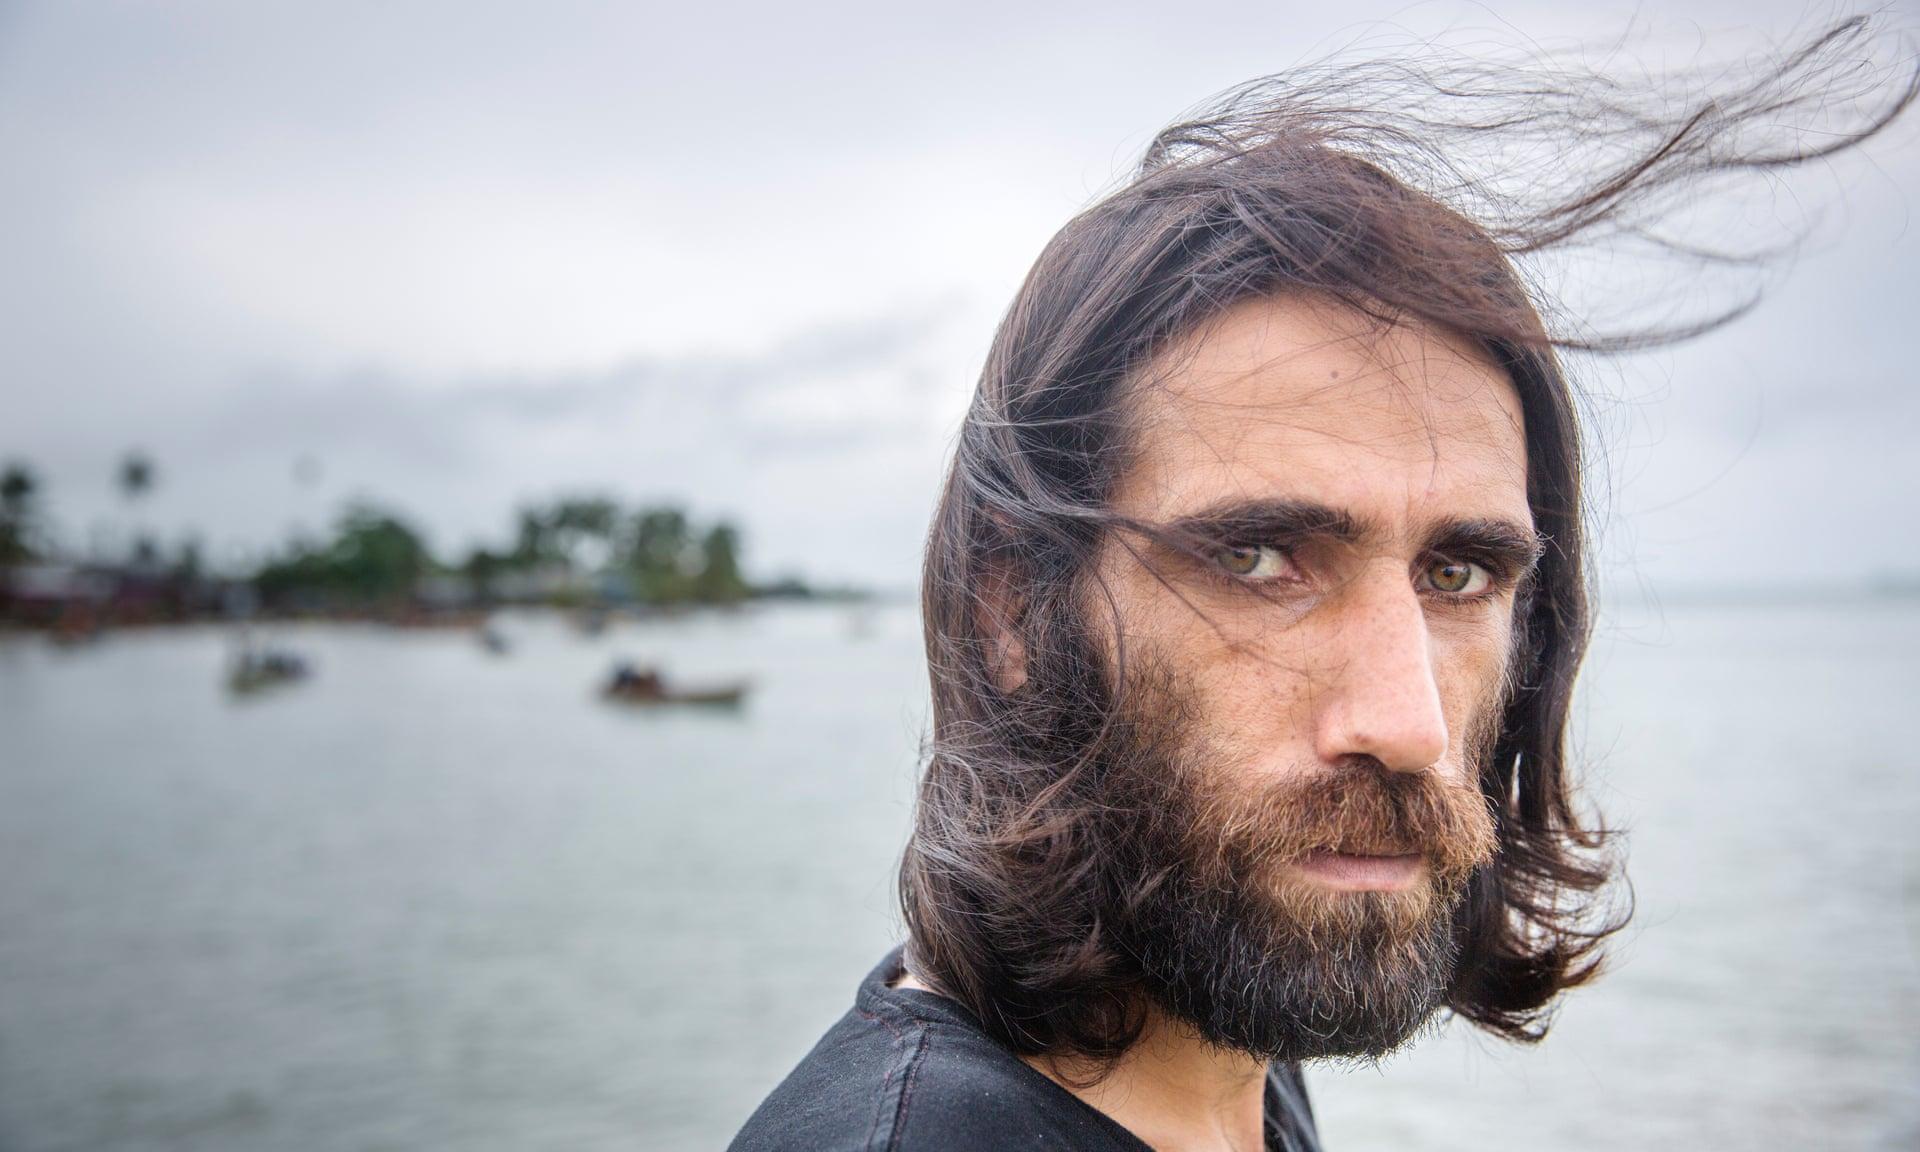 پناهجوی ایرانی برنده گرانترین جایزه ادبی استرالیا شد